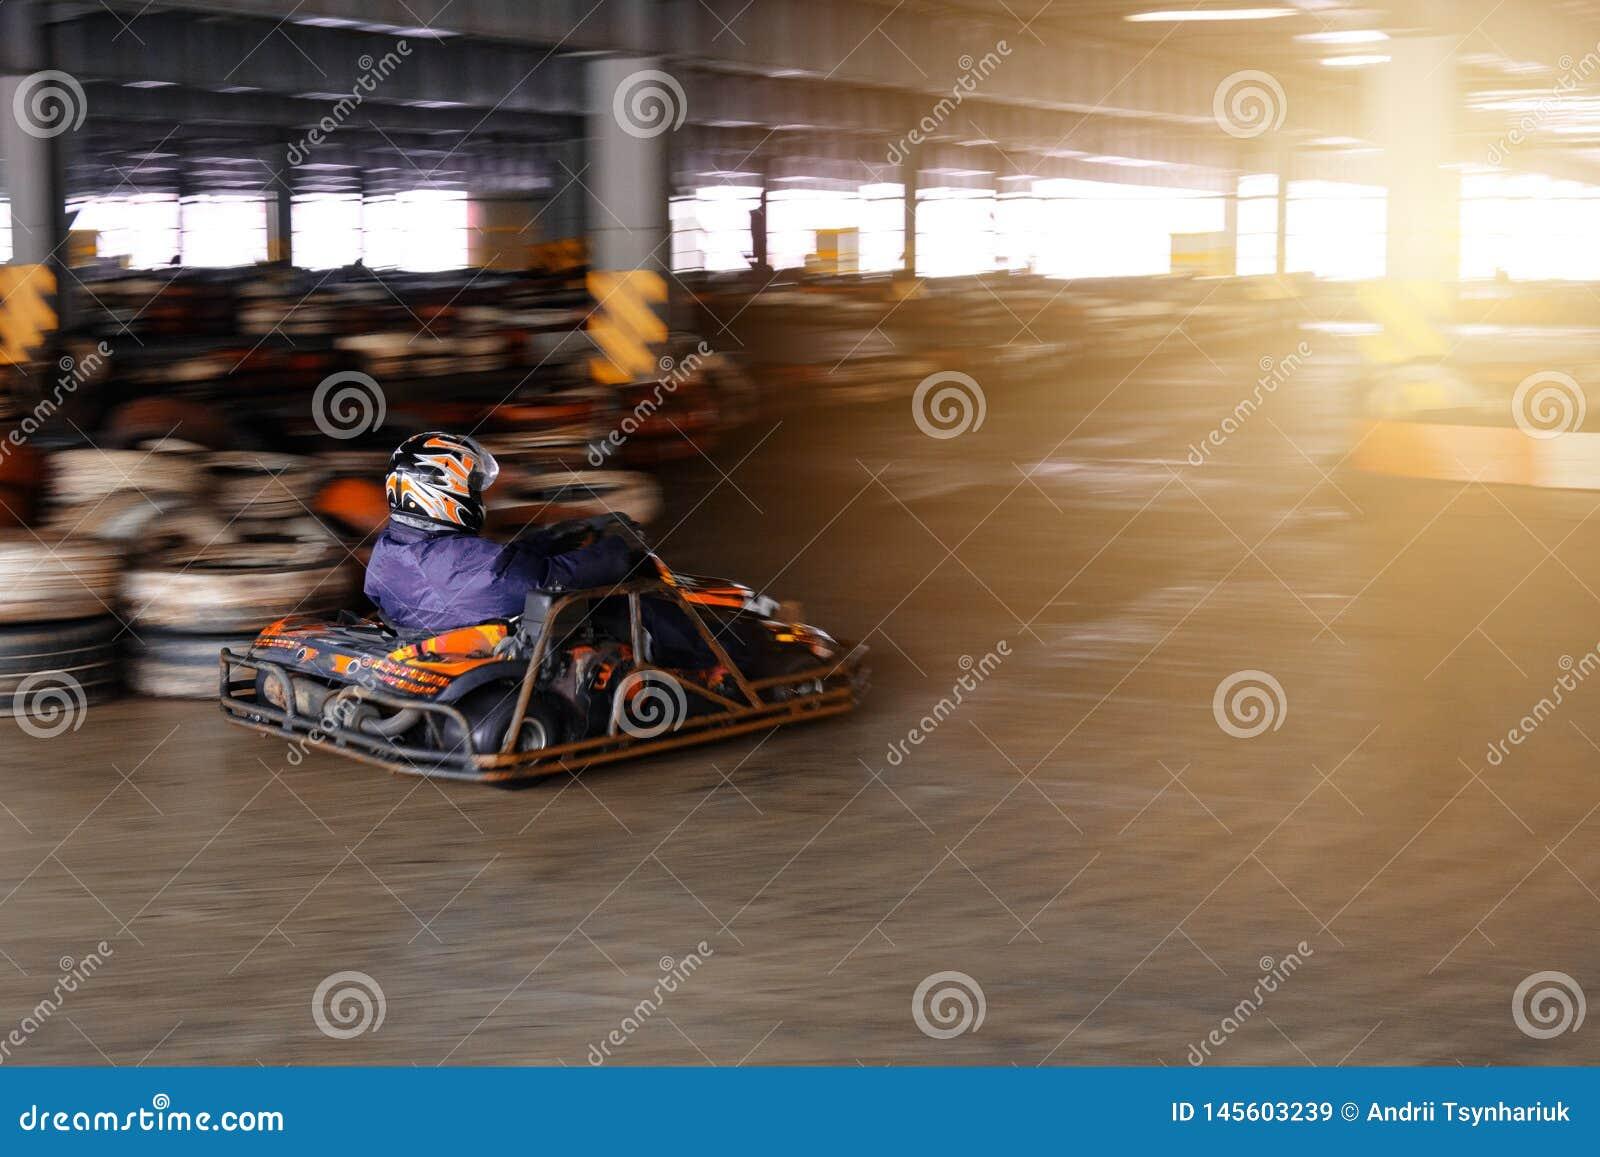 Concorrenza karting dinamica a velocit? con moto confuso su un ippodromo fornito